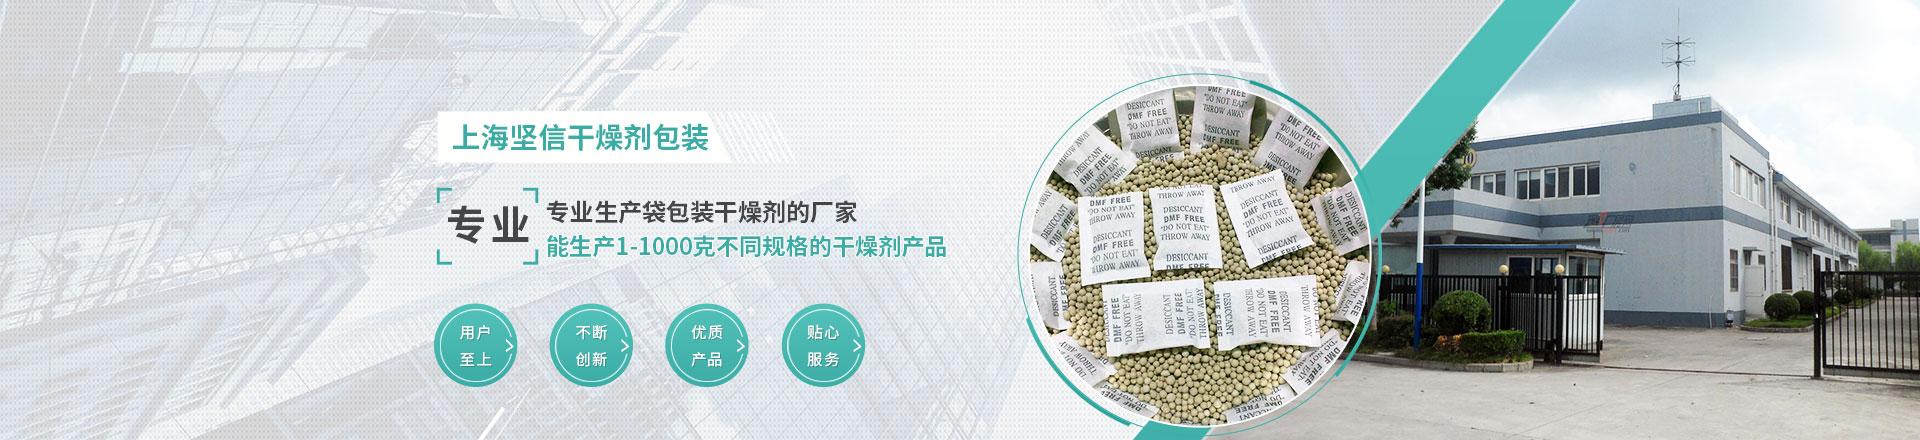 硅胶干燥剂厂家-网站商城